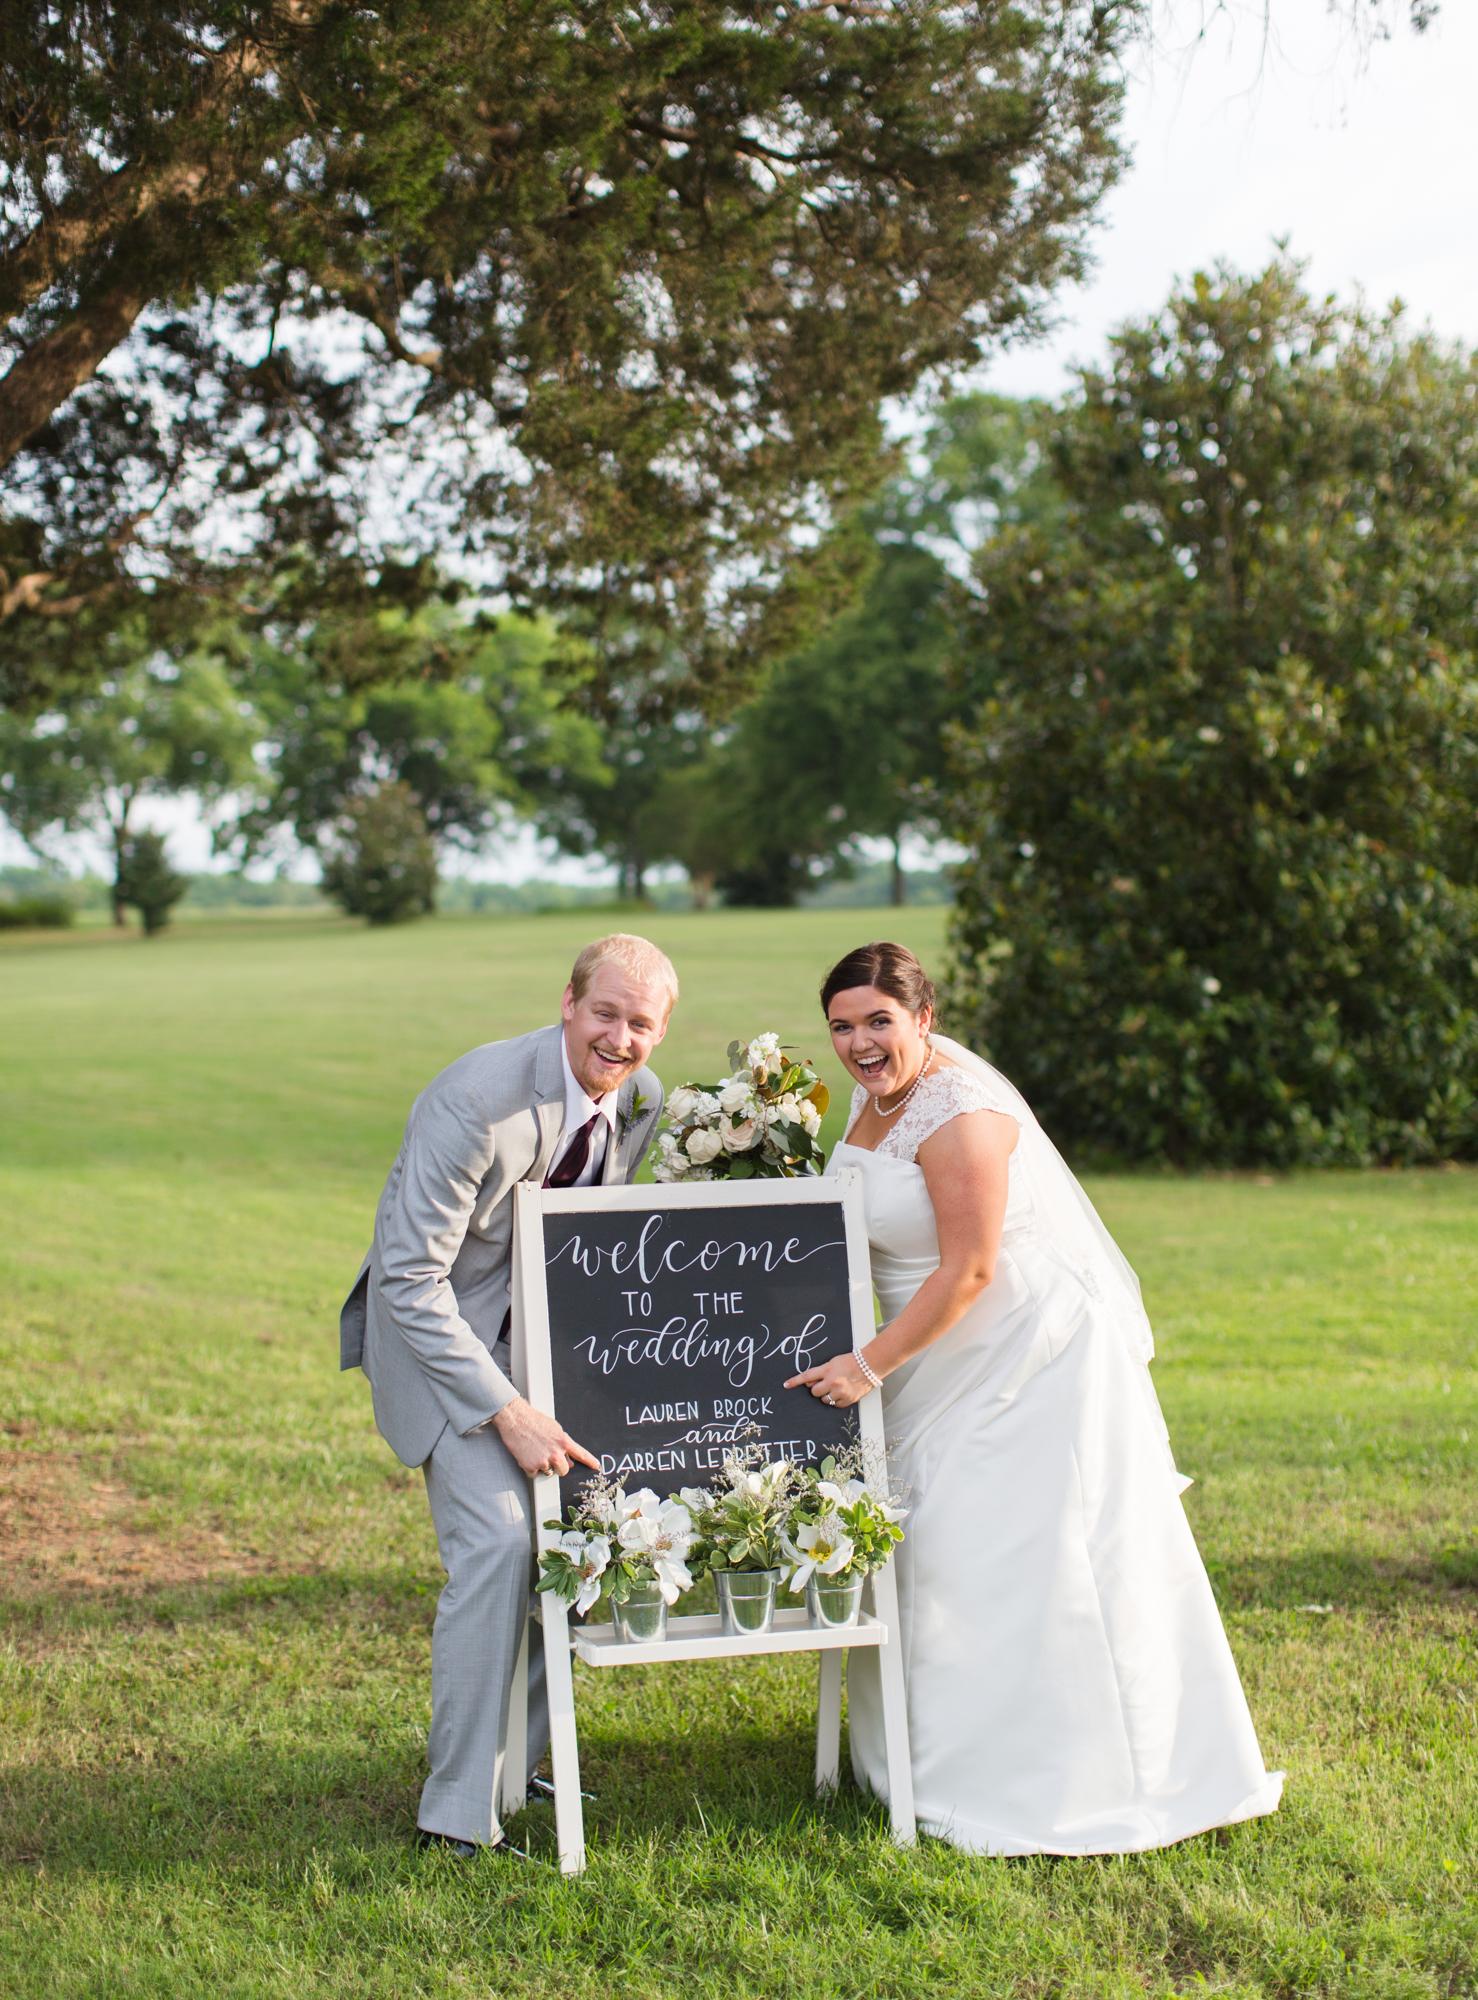 Lauren + Darren Ledbetter Wedding_DP_2016-4307.jpg